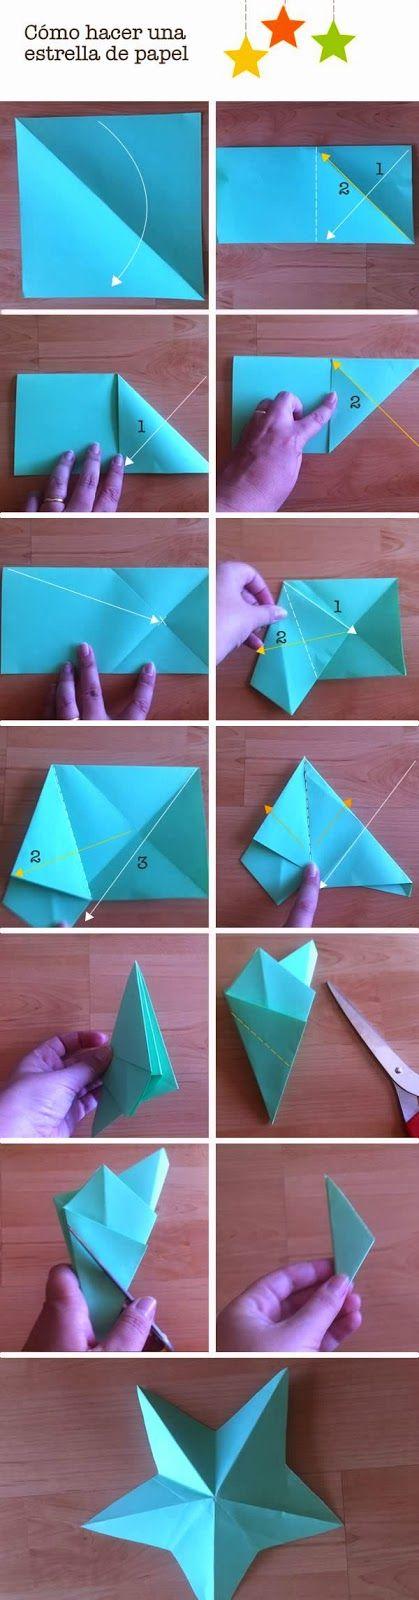 cómo hacer estrellas de papel paso a paso